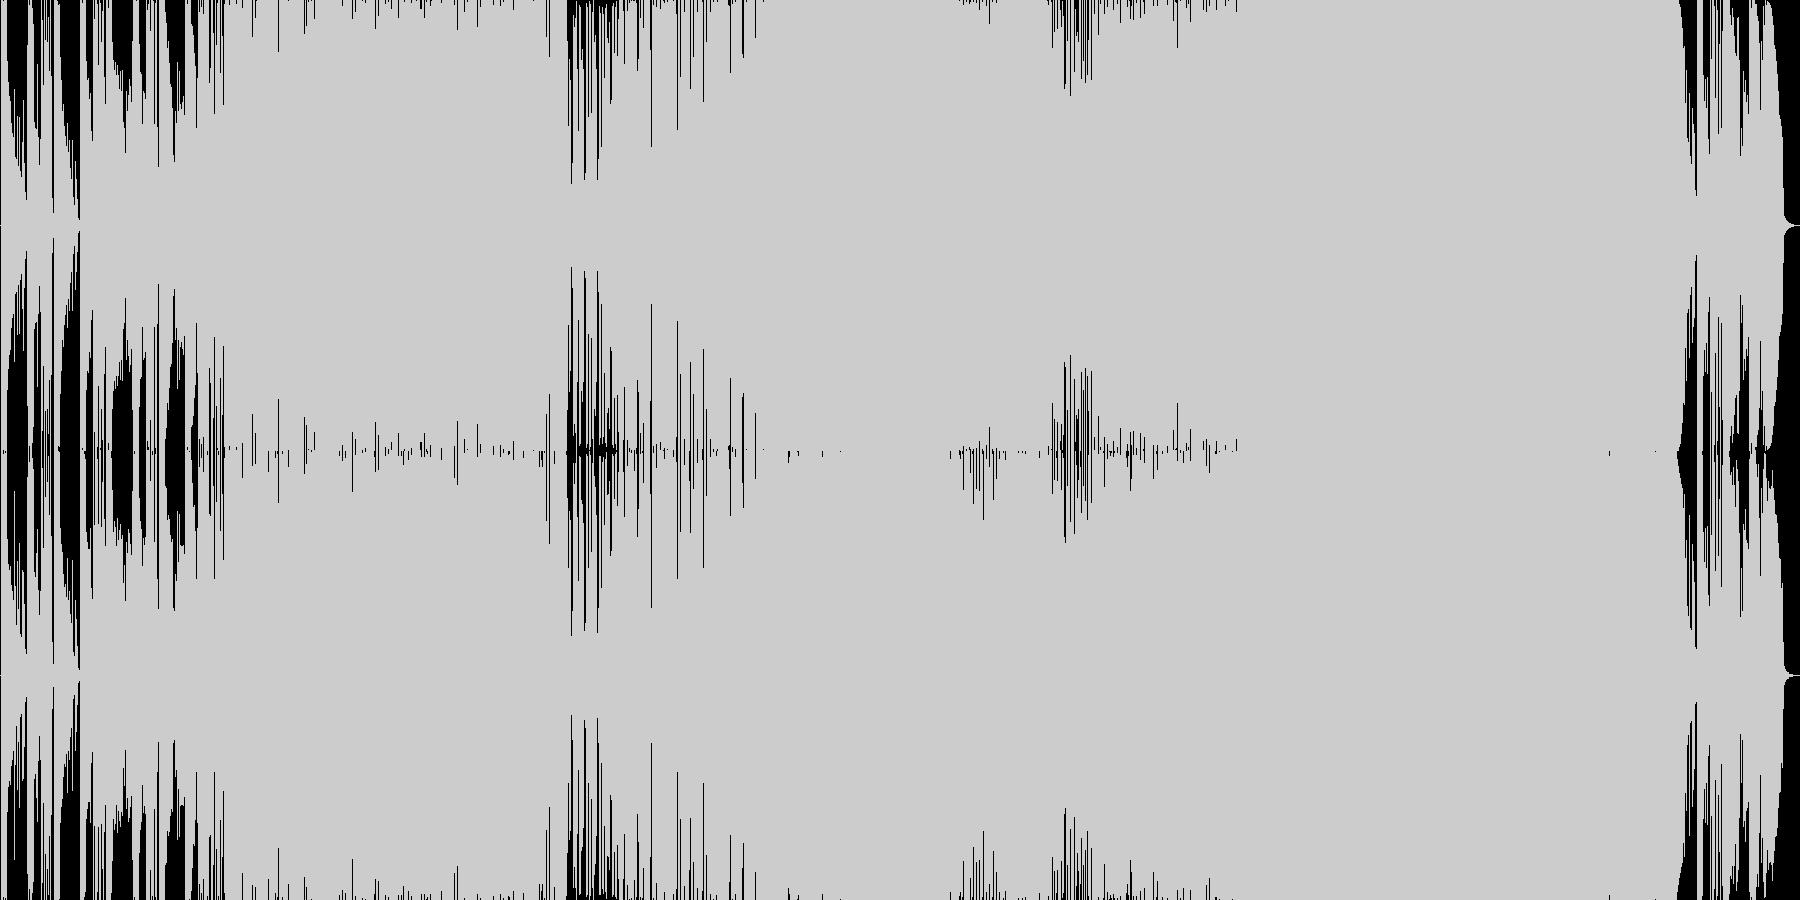 哀愁漂う生演奏曲。サビのコーラスが幻想的の未再生の波形